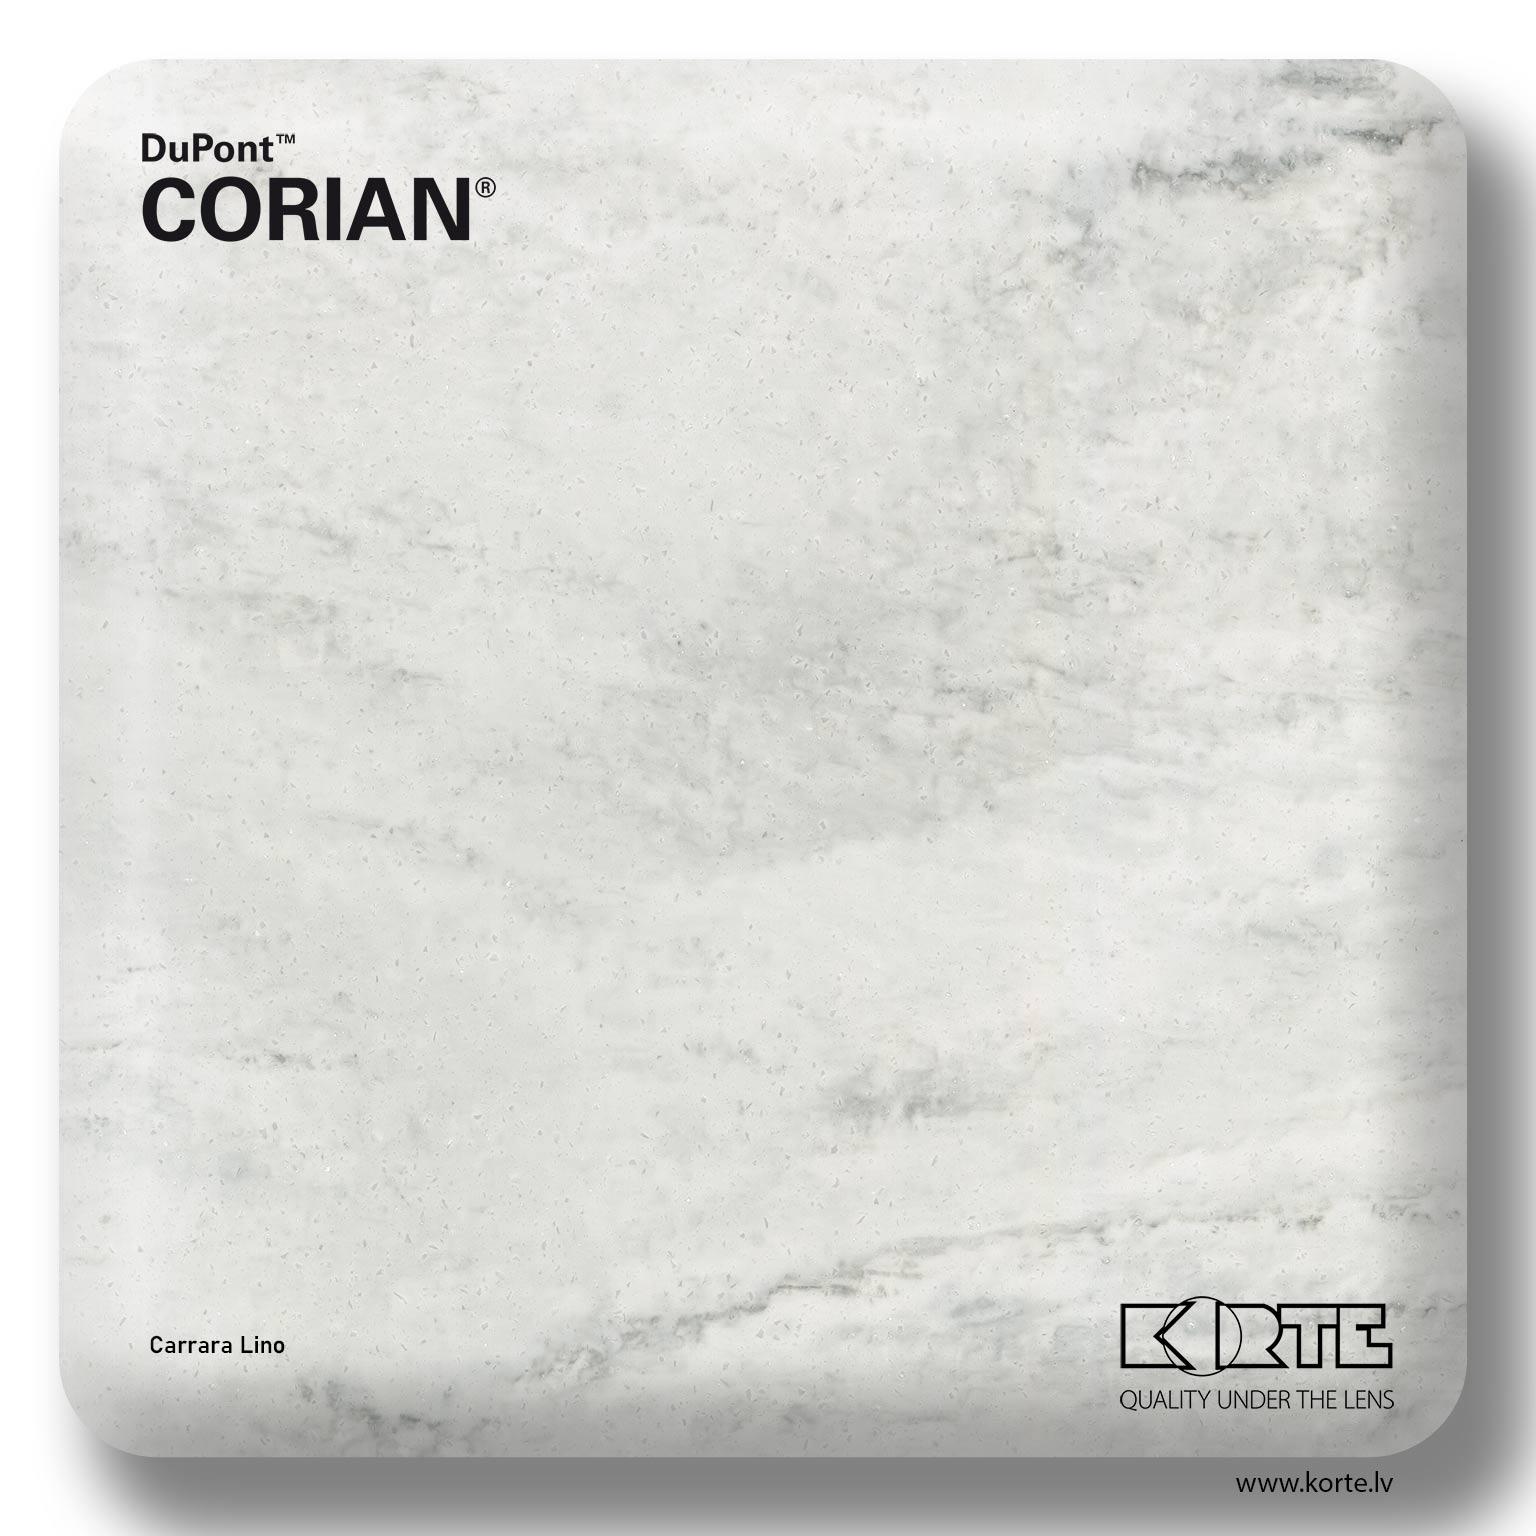 DuPont Corian Carrara Lino